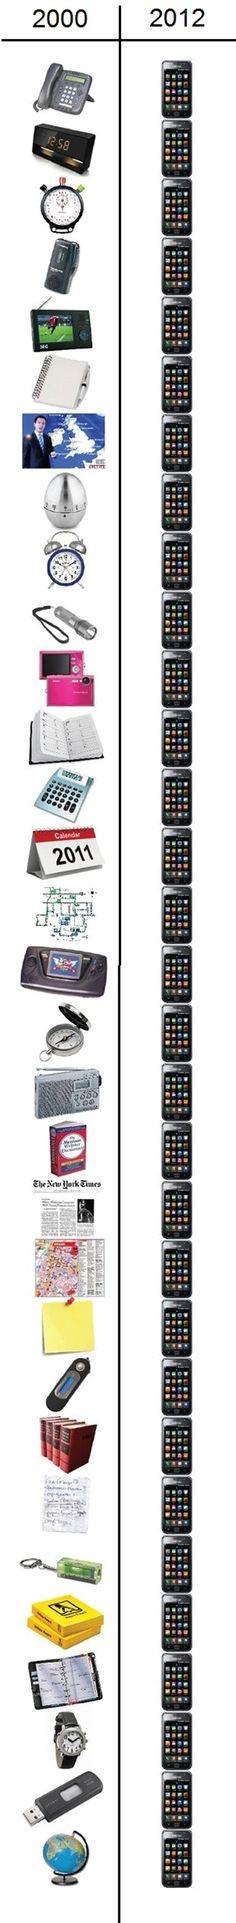 En 12 ans, le smartphone a remplacé une bonne trentaine de produits